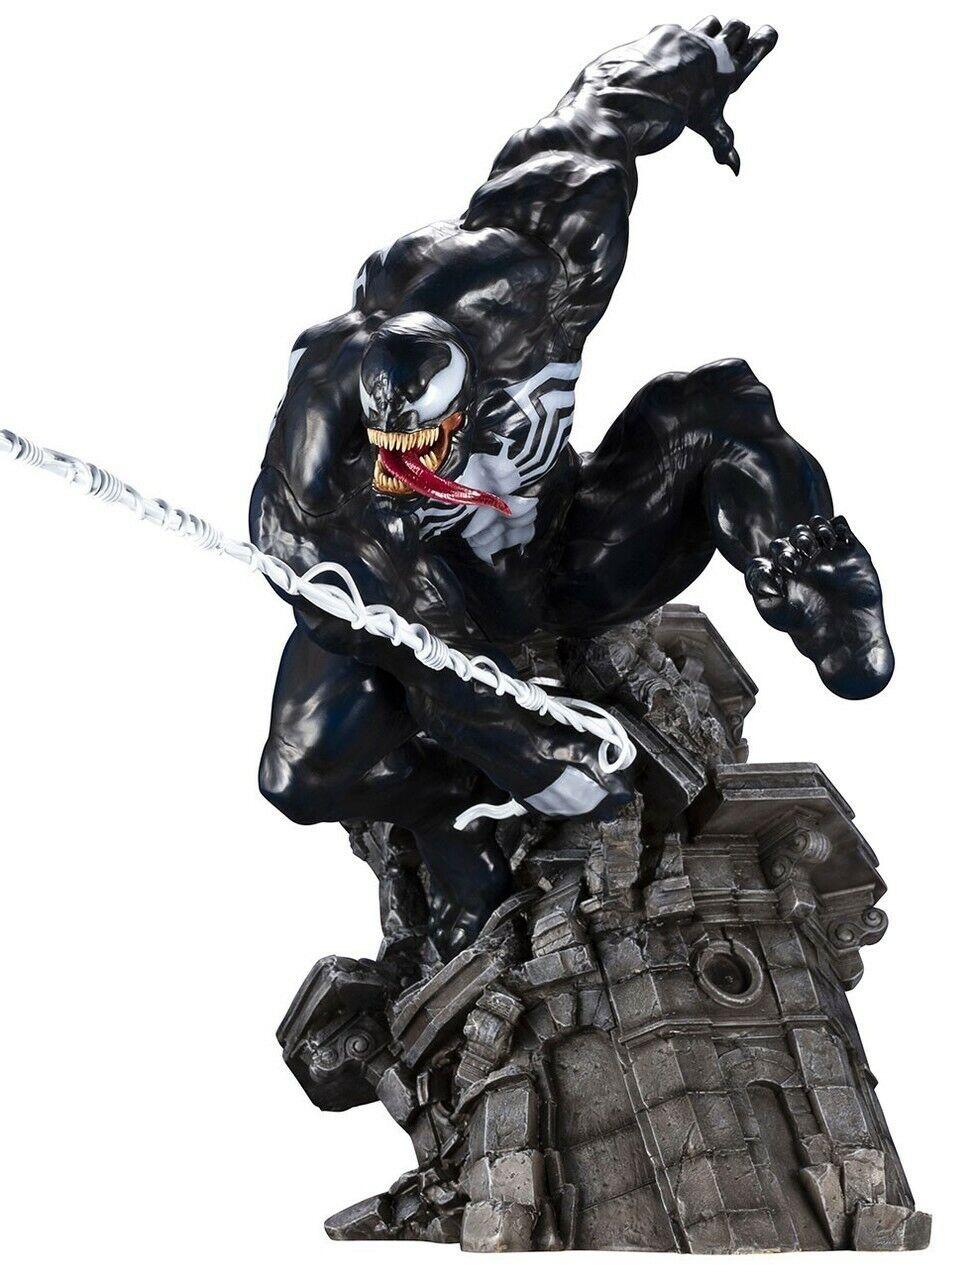 KOTOBUKIYA MARVEL VENOM 1 6TH SCALA statua ARTFX +